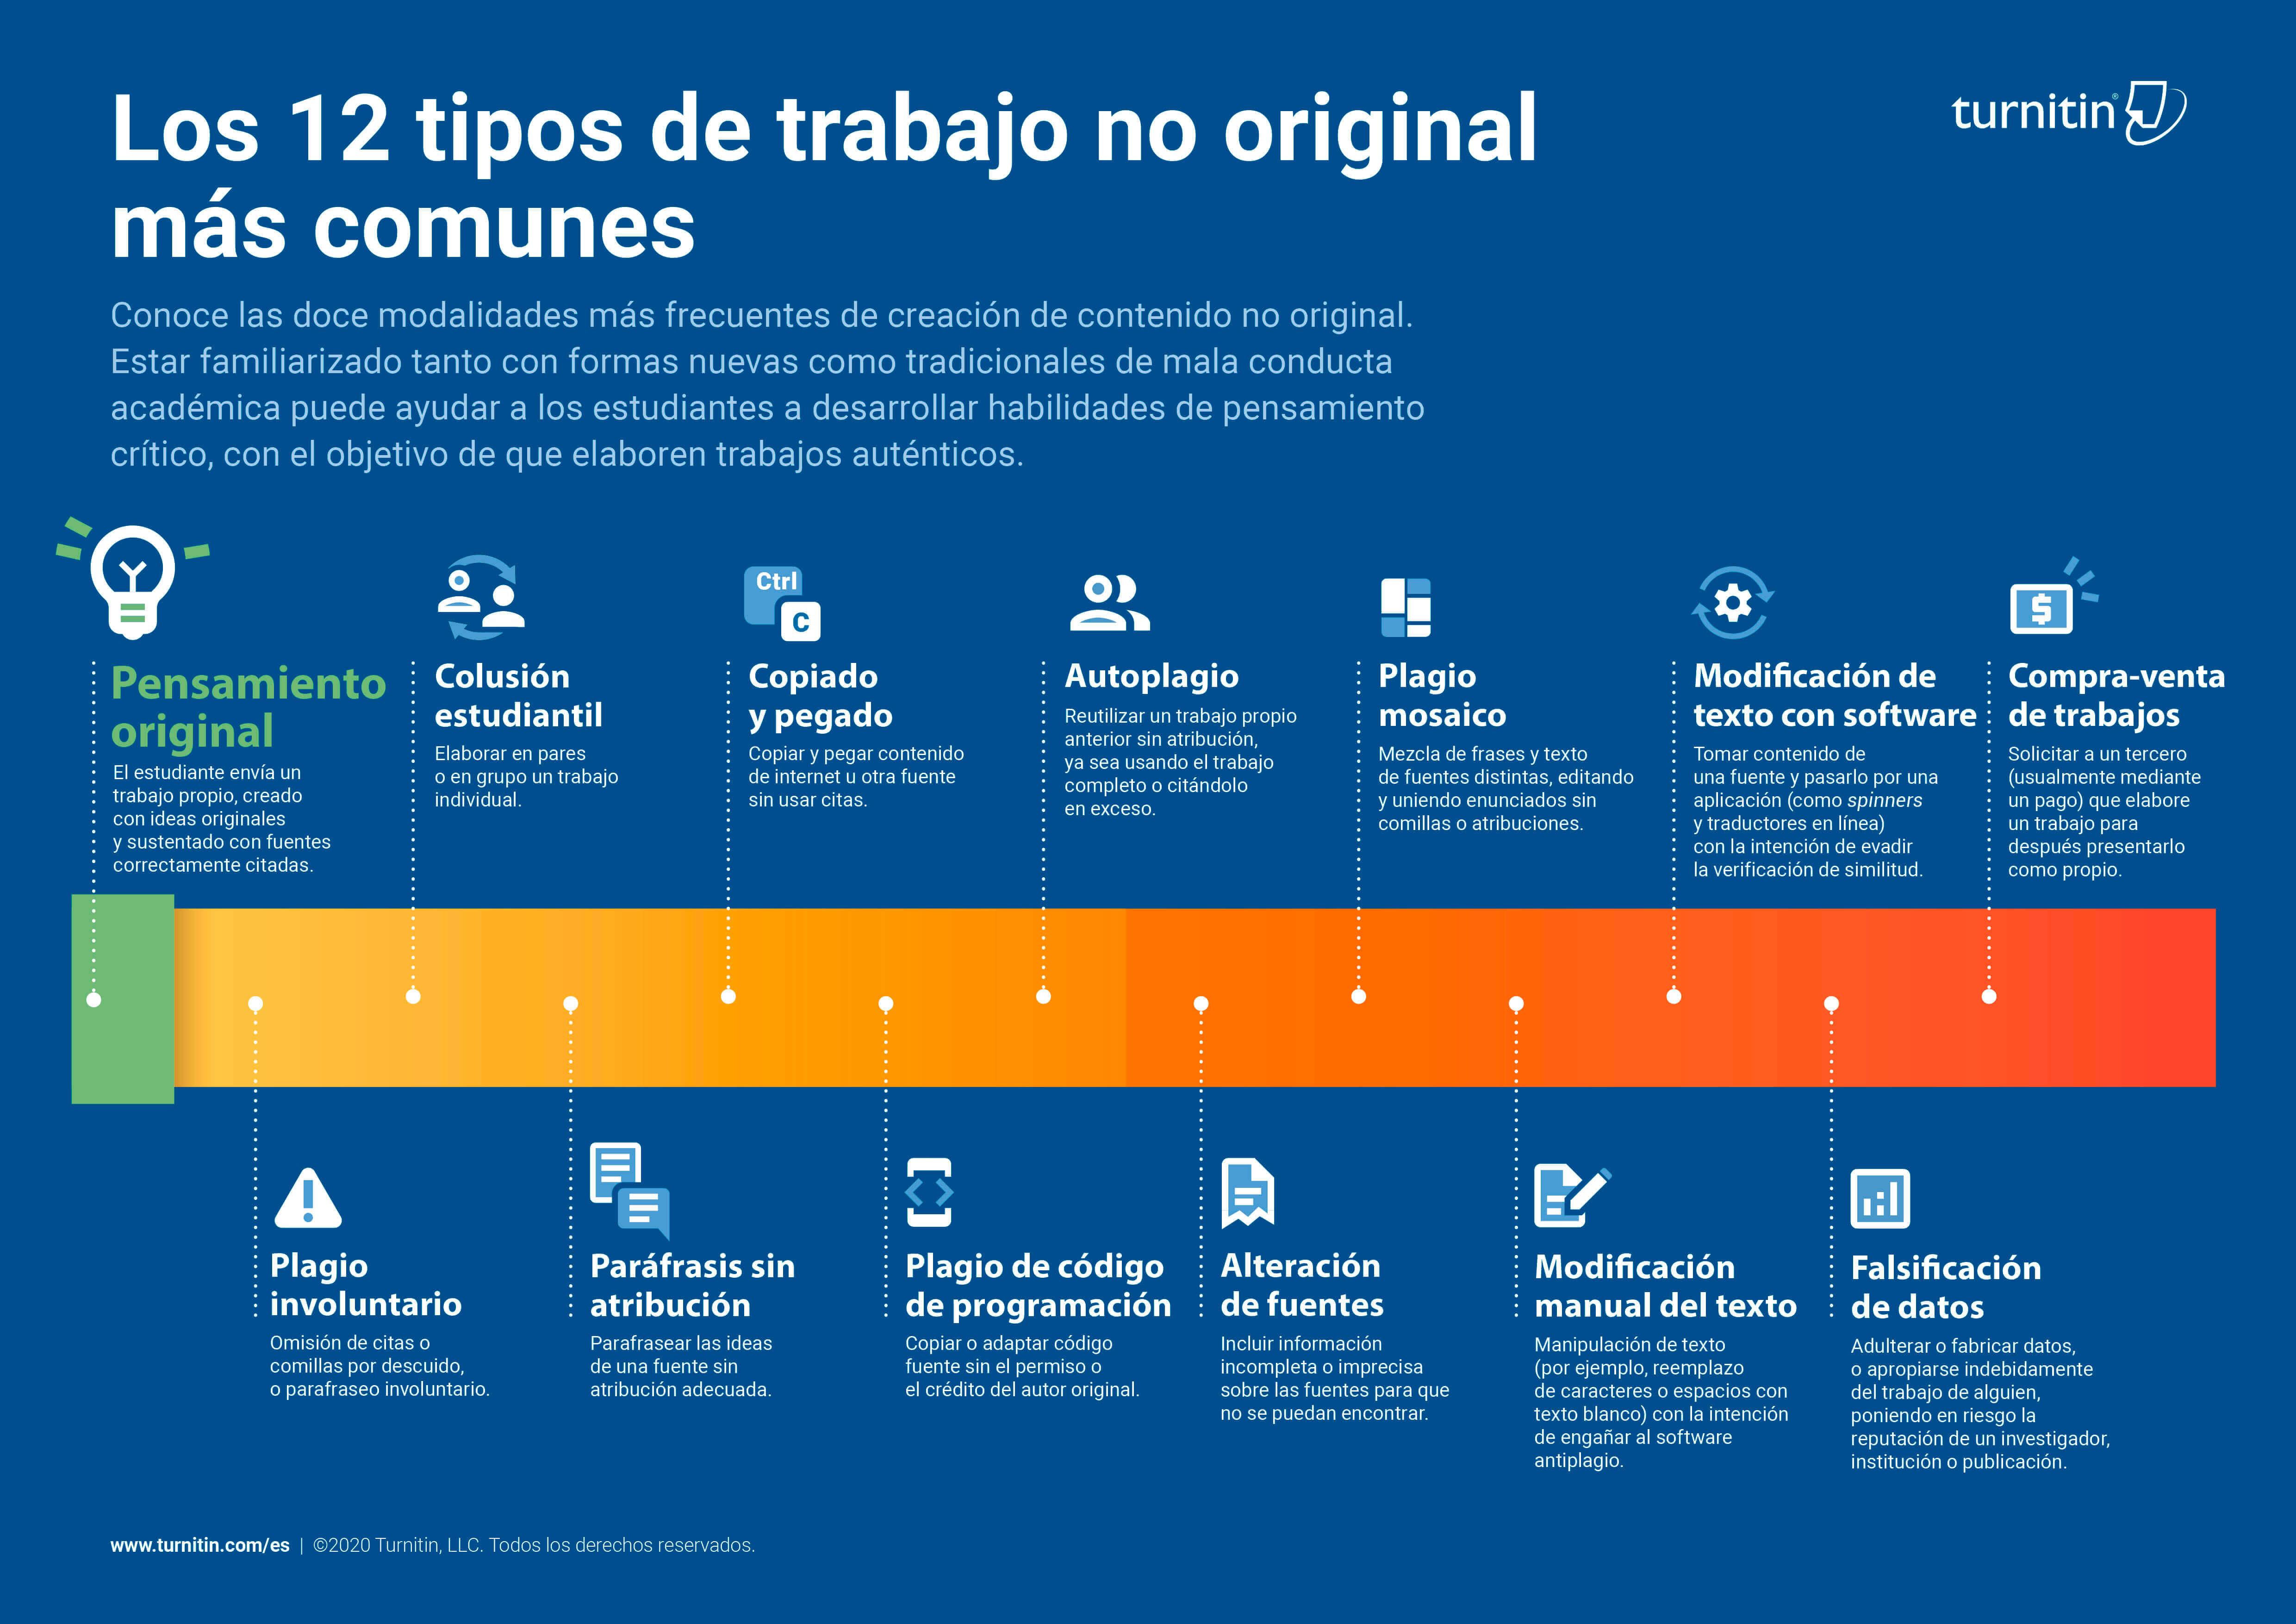 Los 12 tipos de trabajo no original más comunes